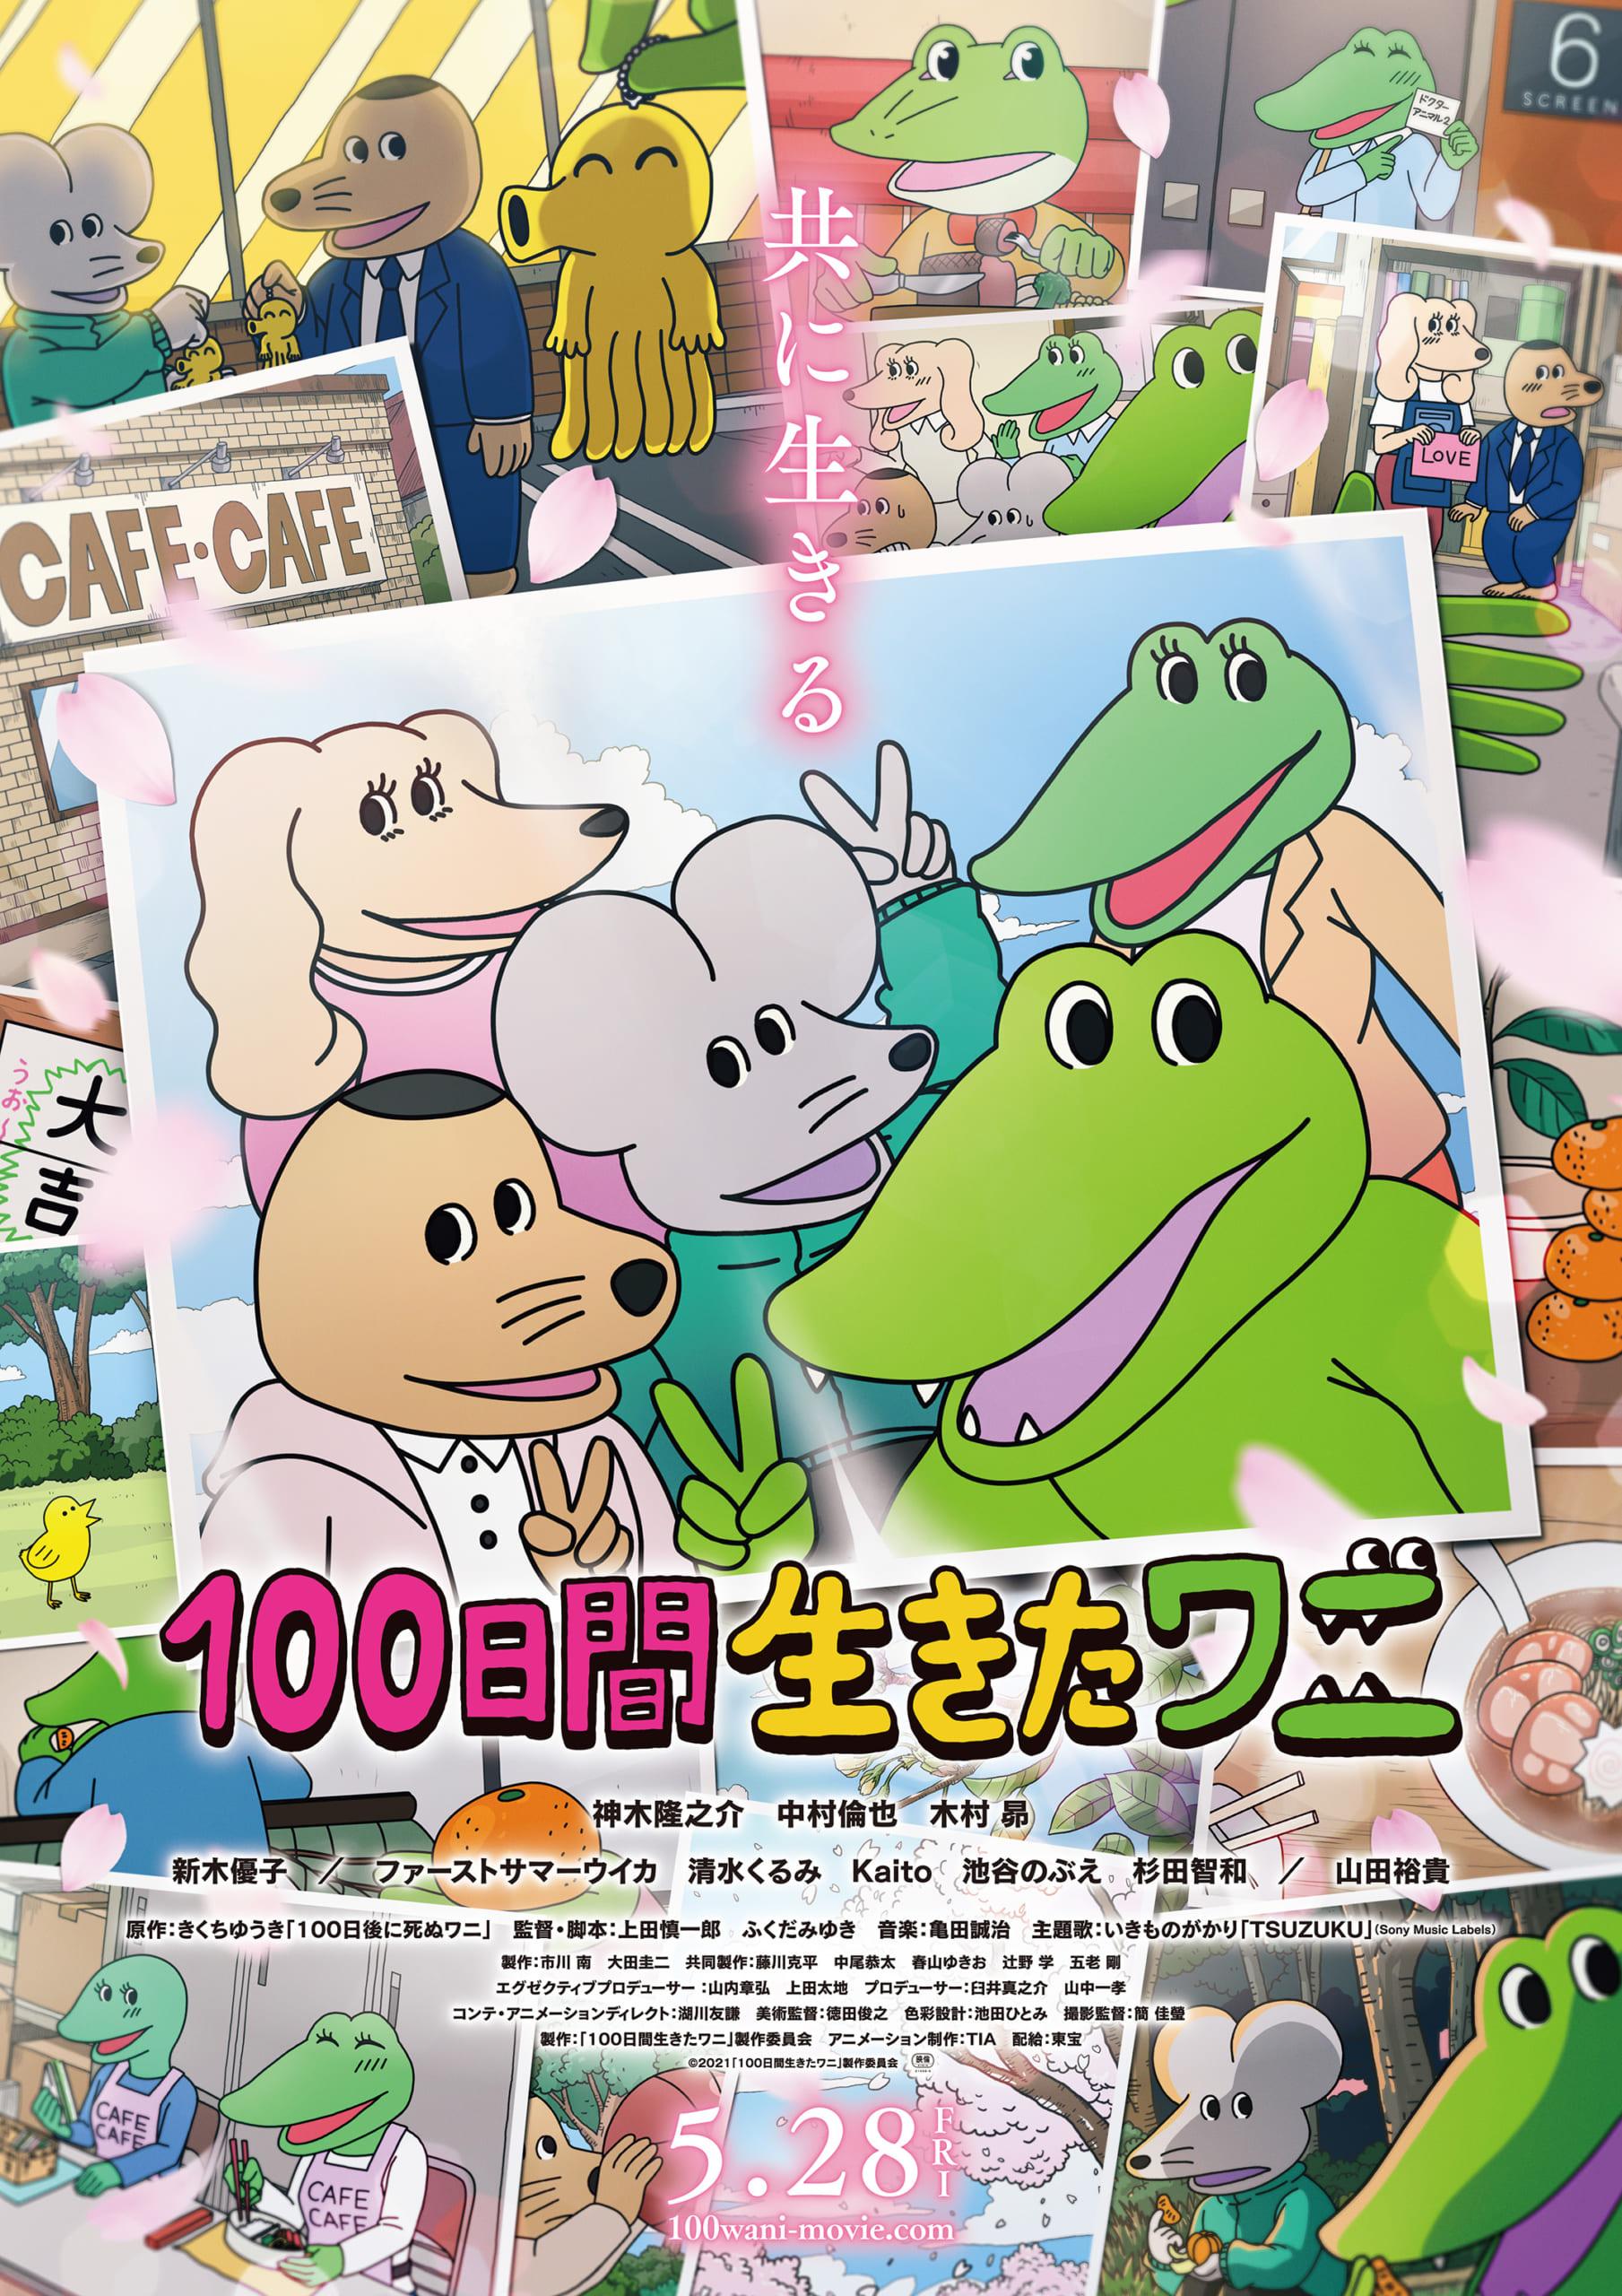 アニメ映画「100ワニ」キャラボイス&いきものがかりの主題歌聞ける特報映像解禁!